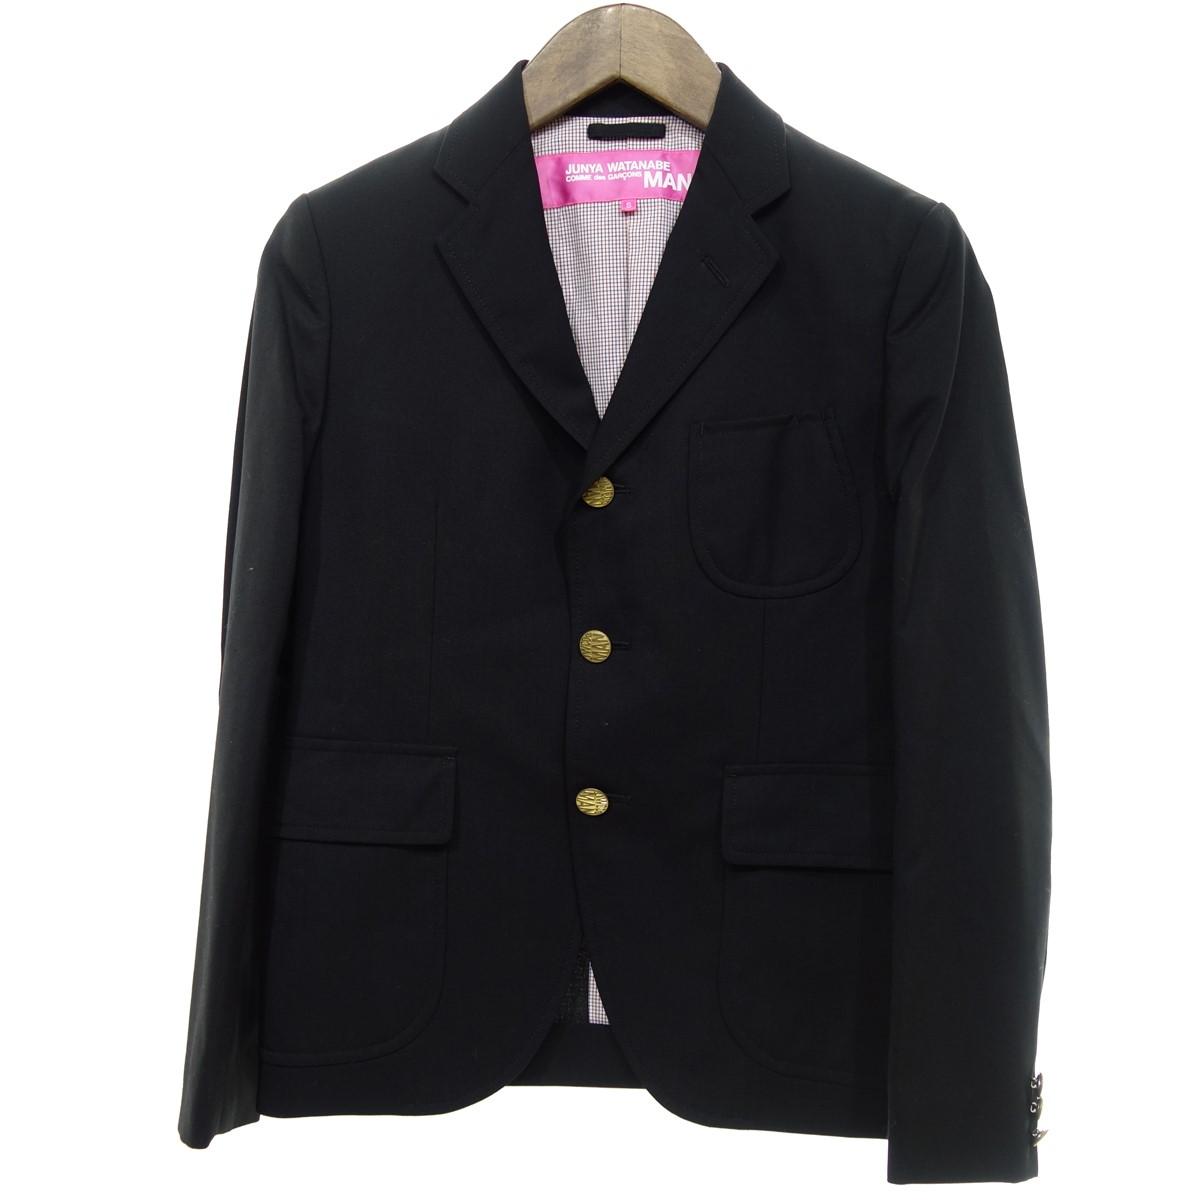 【中古】JUNYA WATANABE CdG MAN PINK AD2012 金ボタン 3Bジャケット ブラック サイズ:S 【300320】(ジュンヤワタナベコムデギャルソンマンピンク)